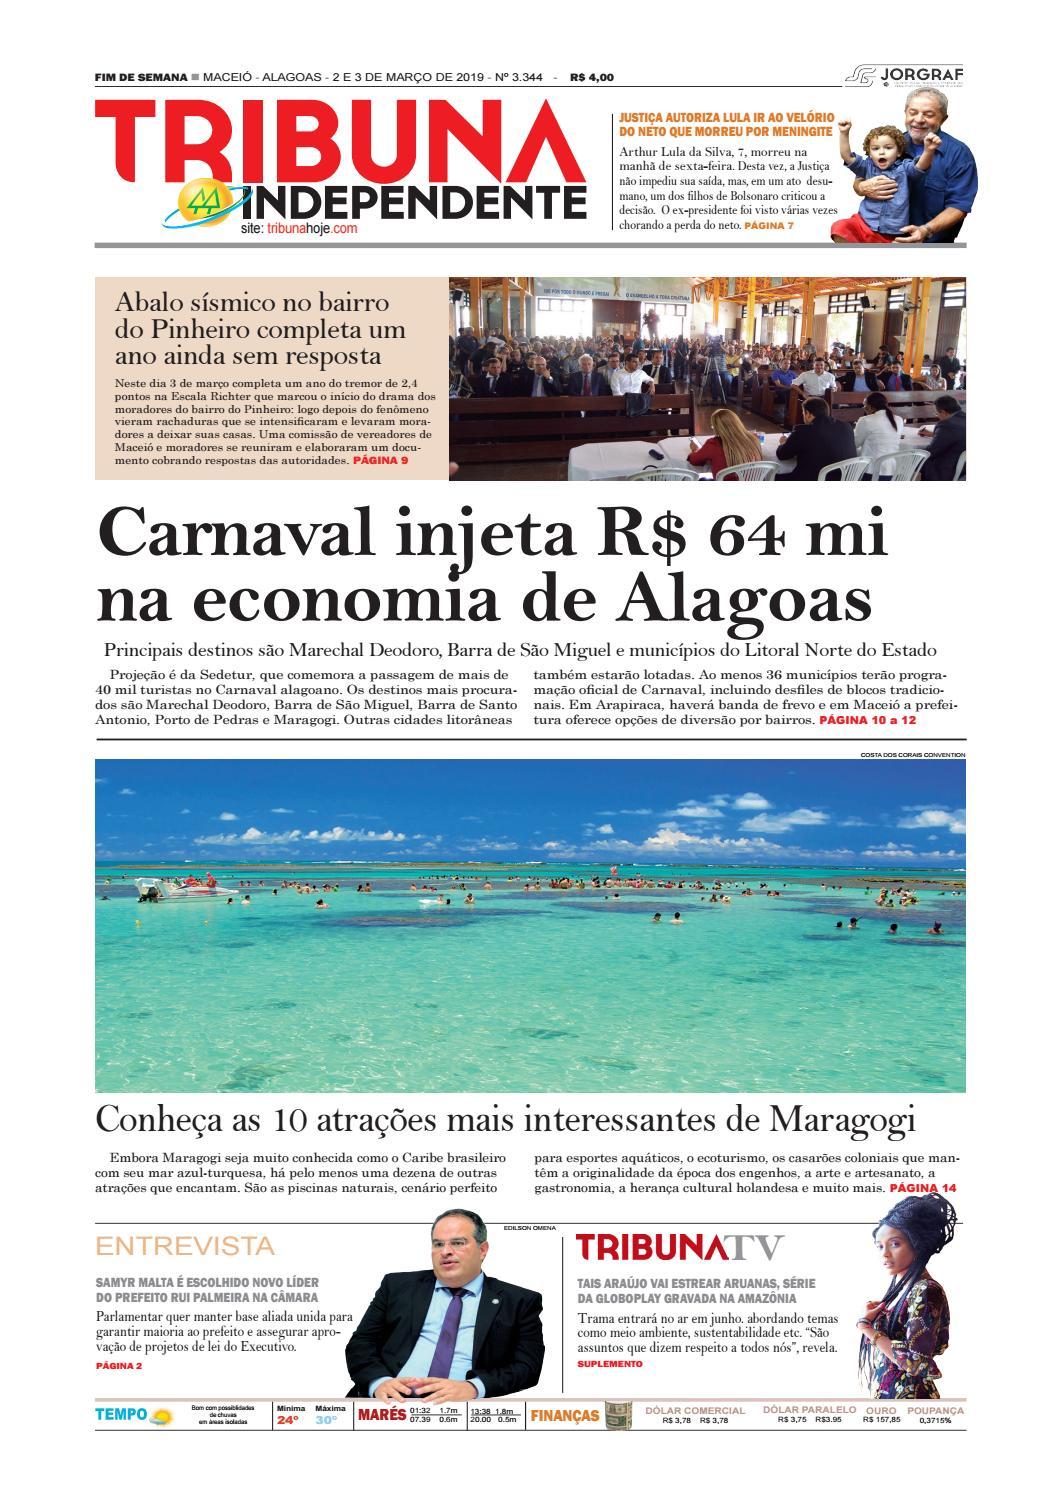 bc9986ff2 Edição número 3344 - 2 e 3 de março de 2019 by Tribuna Hoje - issuu